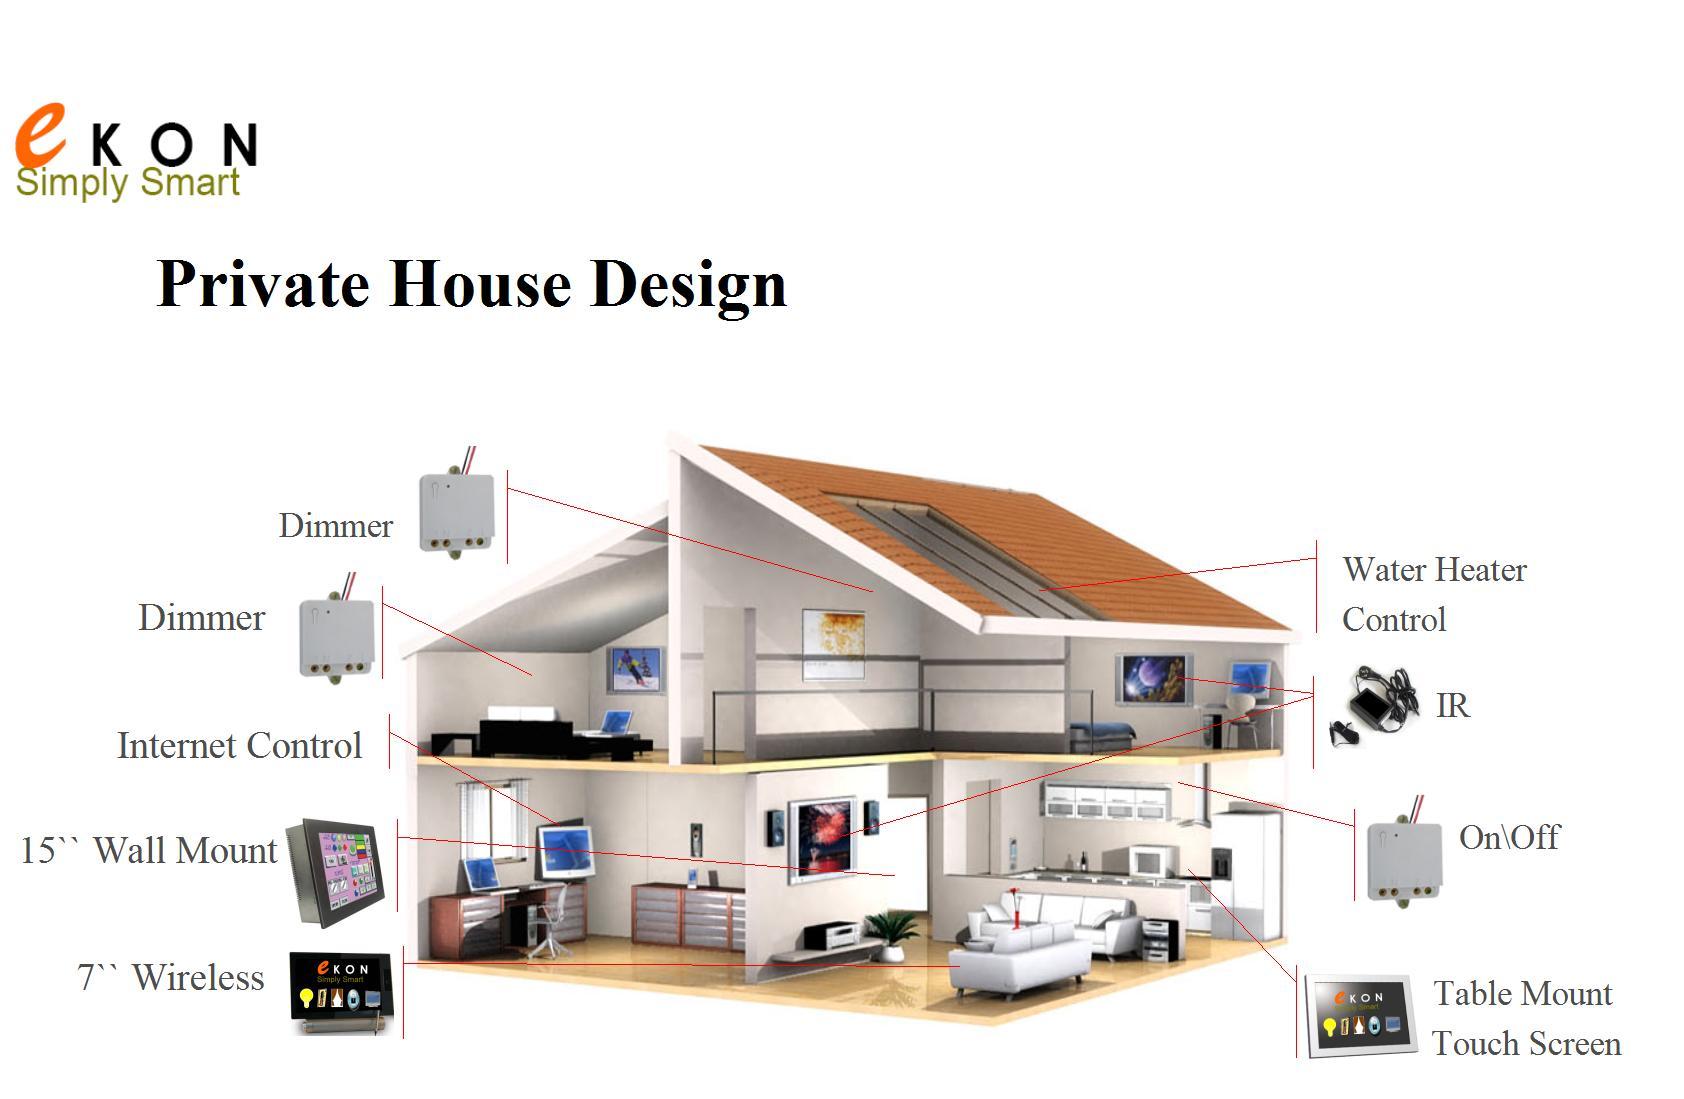 smart home systeme neubau elegant was kostet ein smart home mit im neubau with smart home. Black Bedroom Furniture Sets. Home Design Ideas